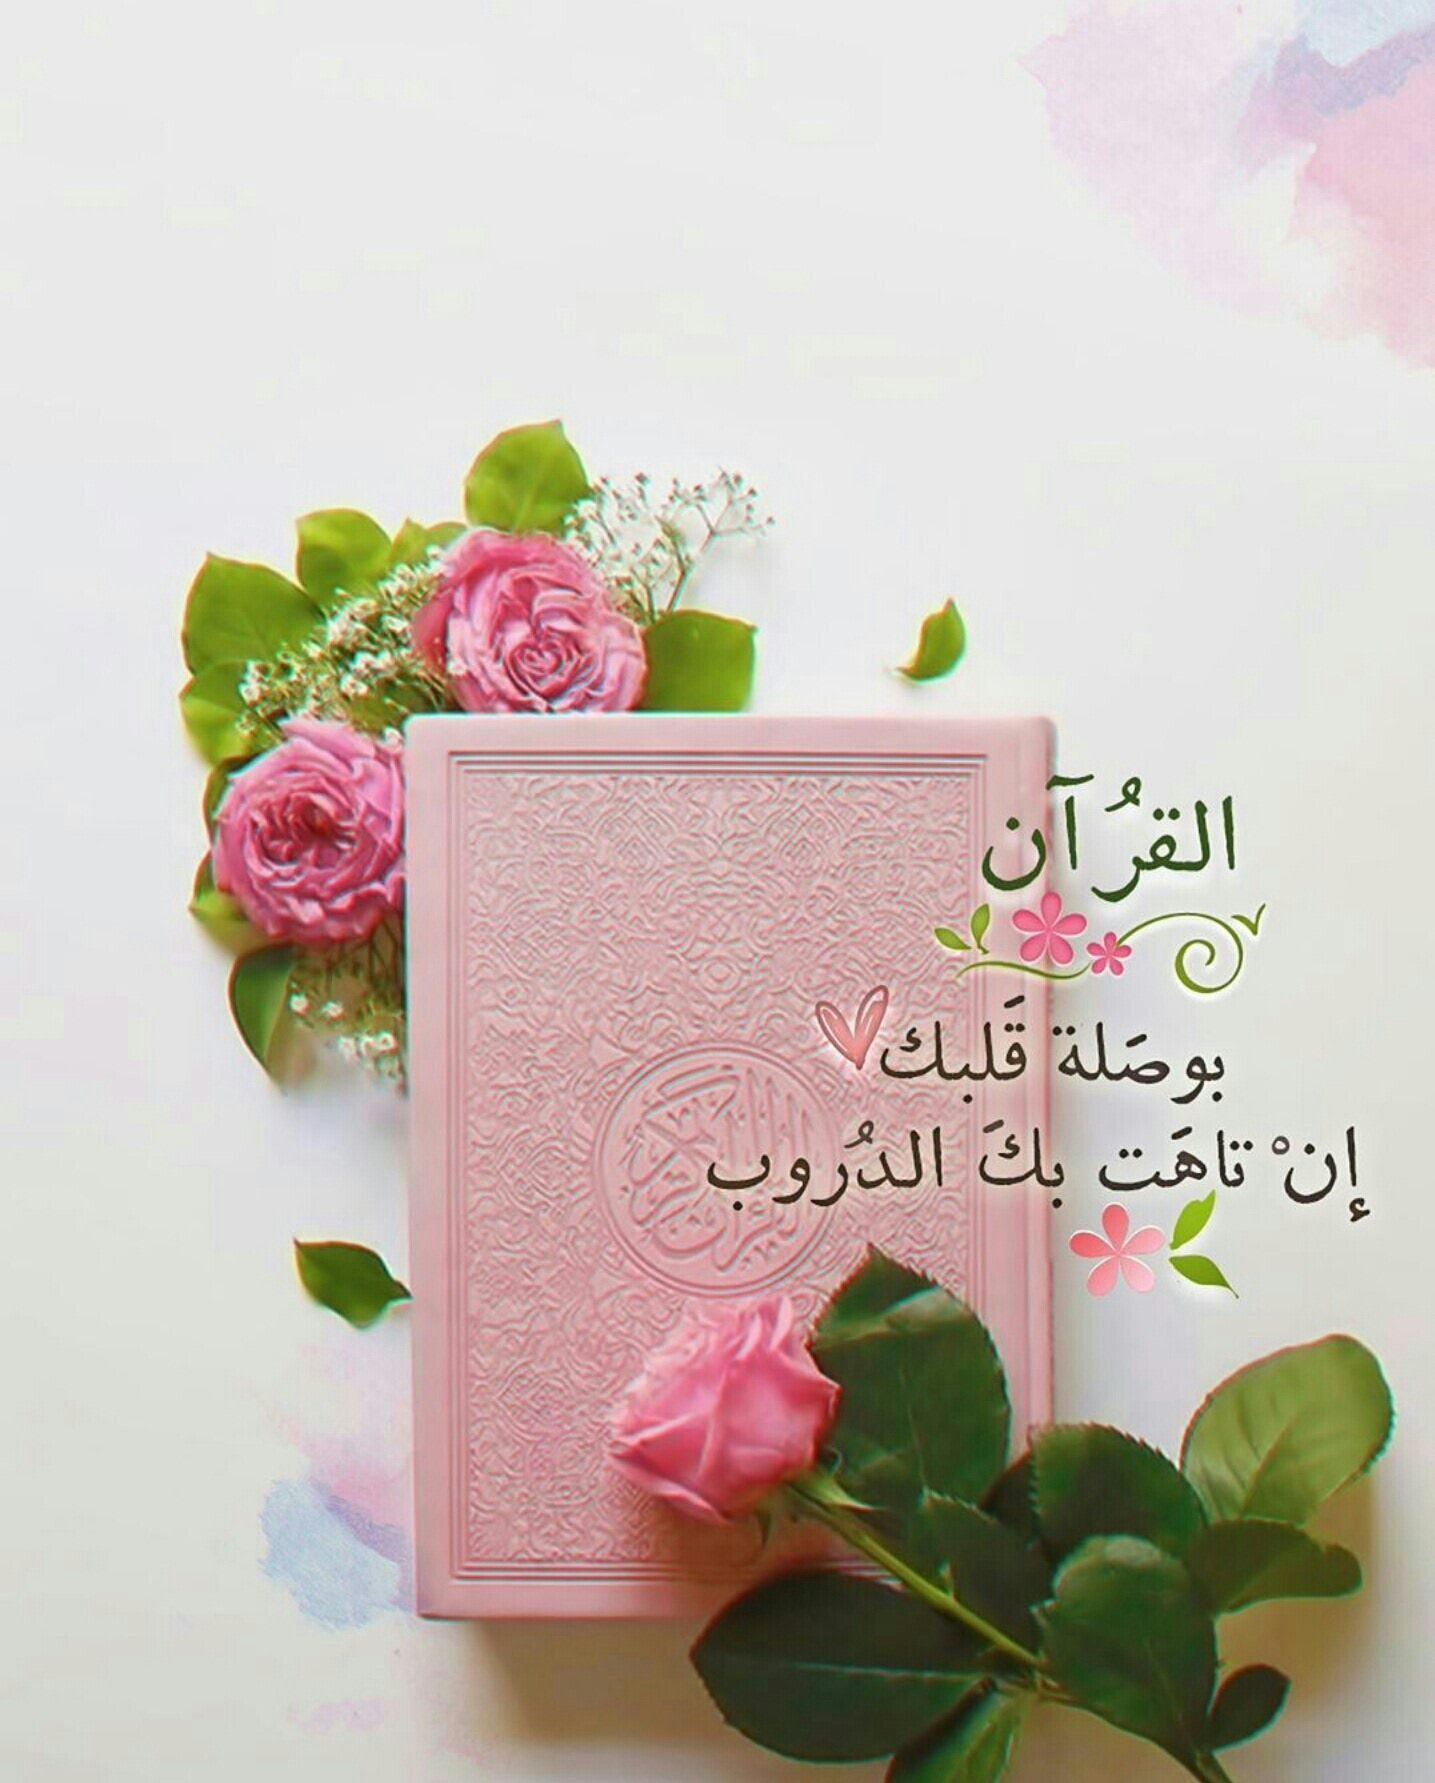 خلفيات دينية جميلة Islamic Messages Quran Wallpaper Islamic Images